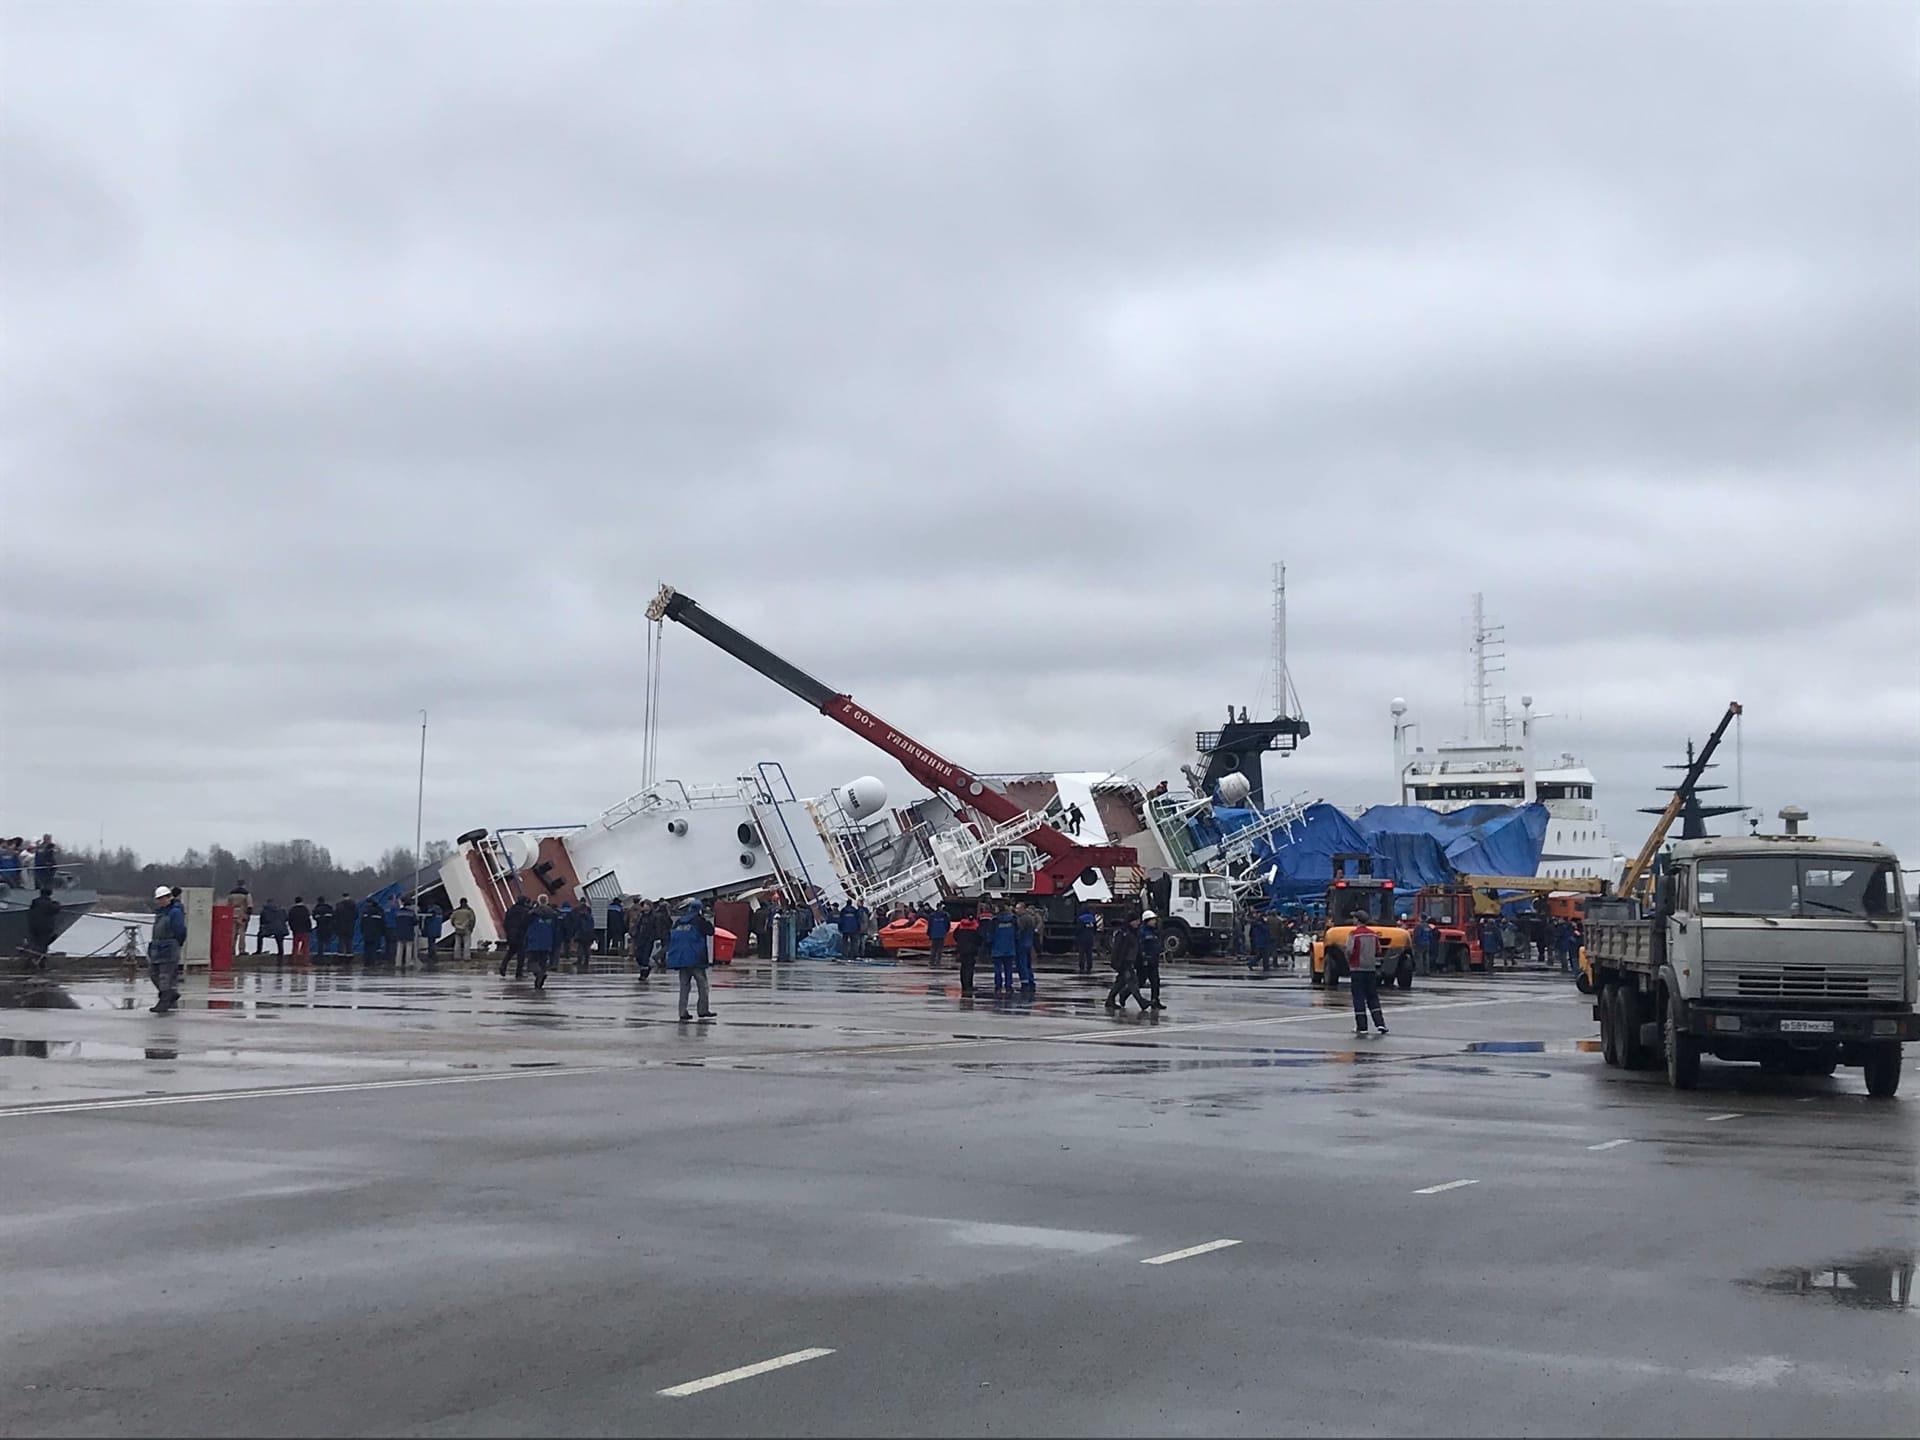 На заводе «Пелла» под Петербургом завалилось судно с людьми